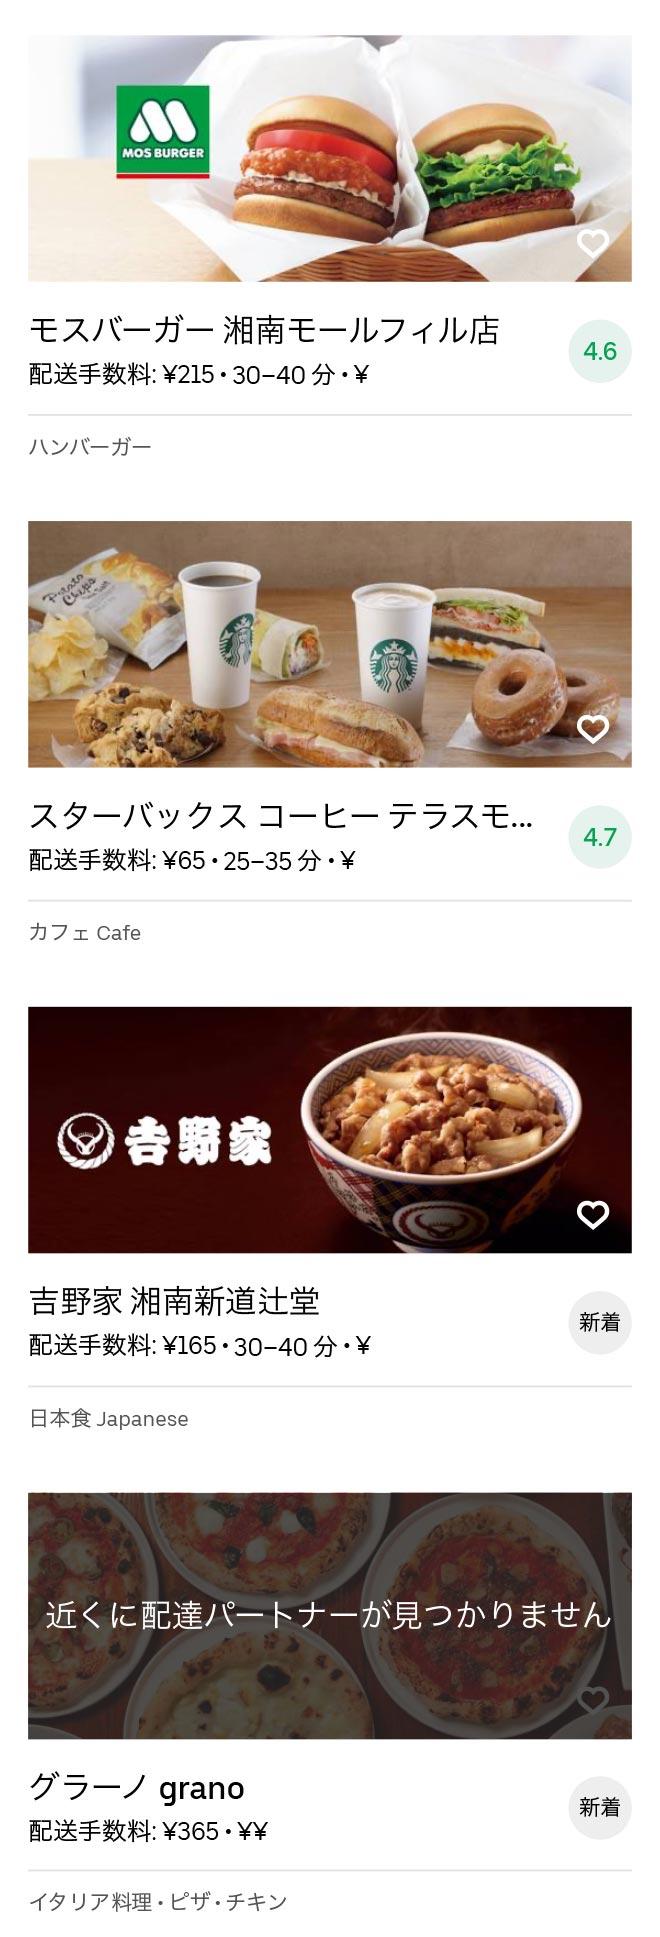 Tsujido menu 2008 03